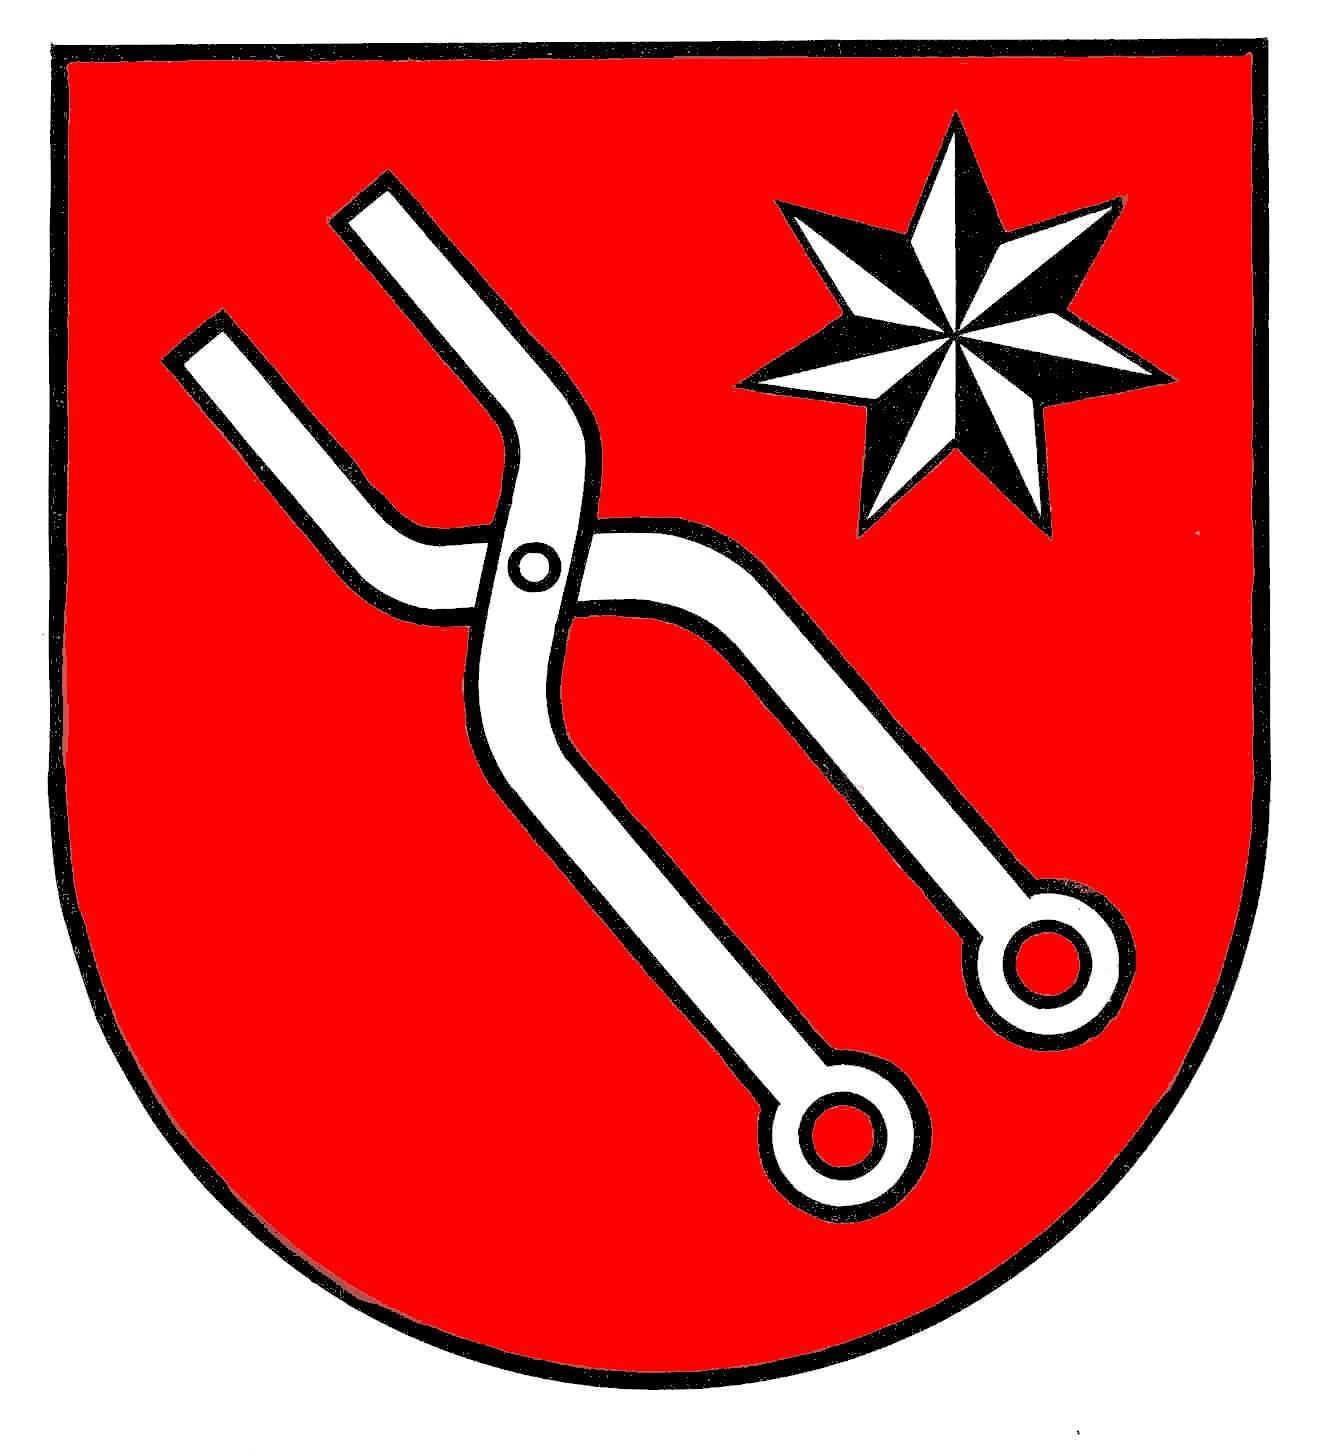 Wappen GemeindeGiekau, Kreis Plön